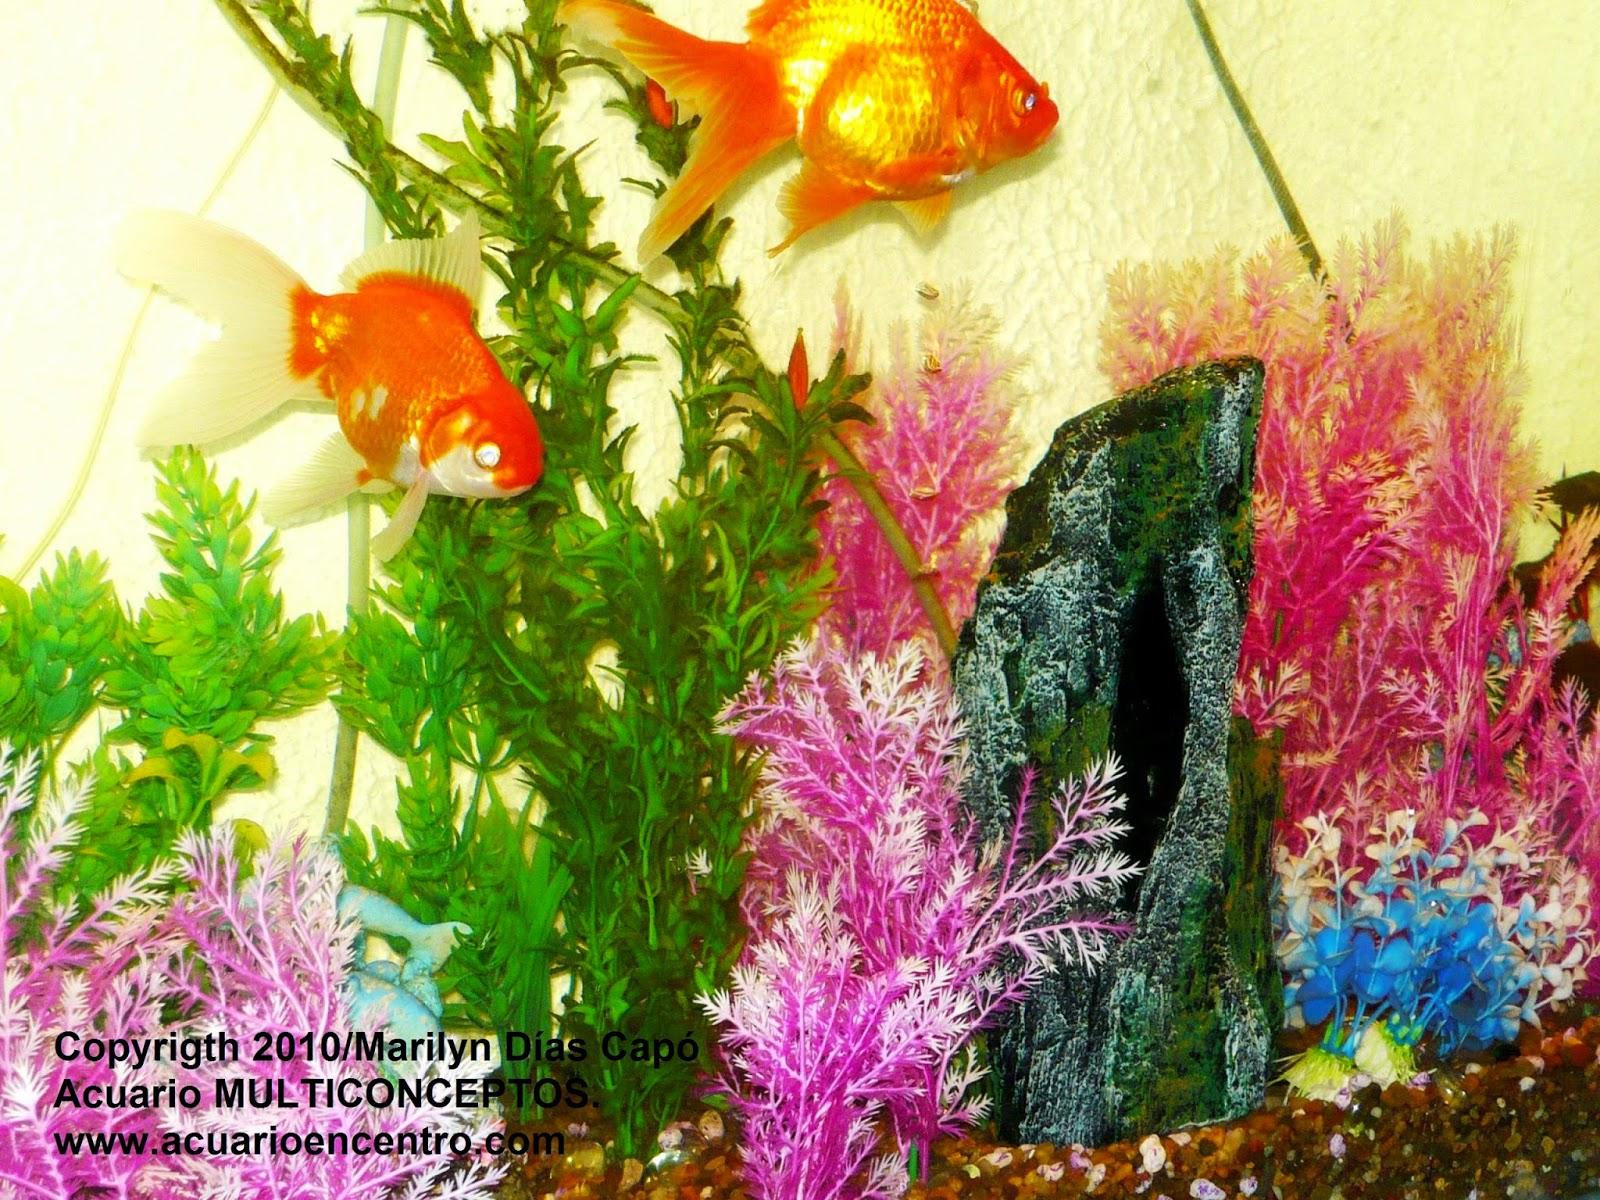 Peces tropicales de agua dulce acuario y biodiversidad for Peces tropicales acuario